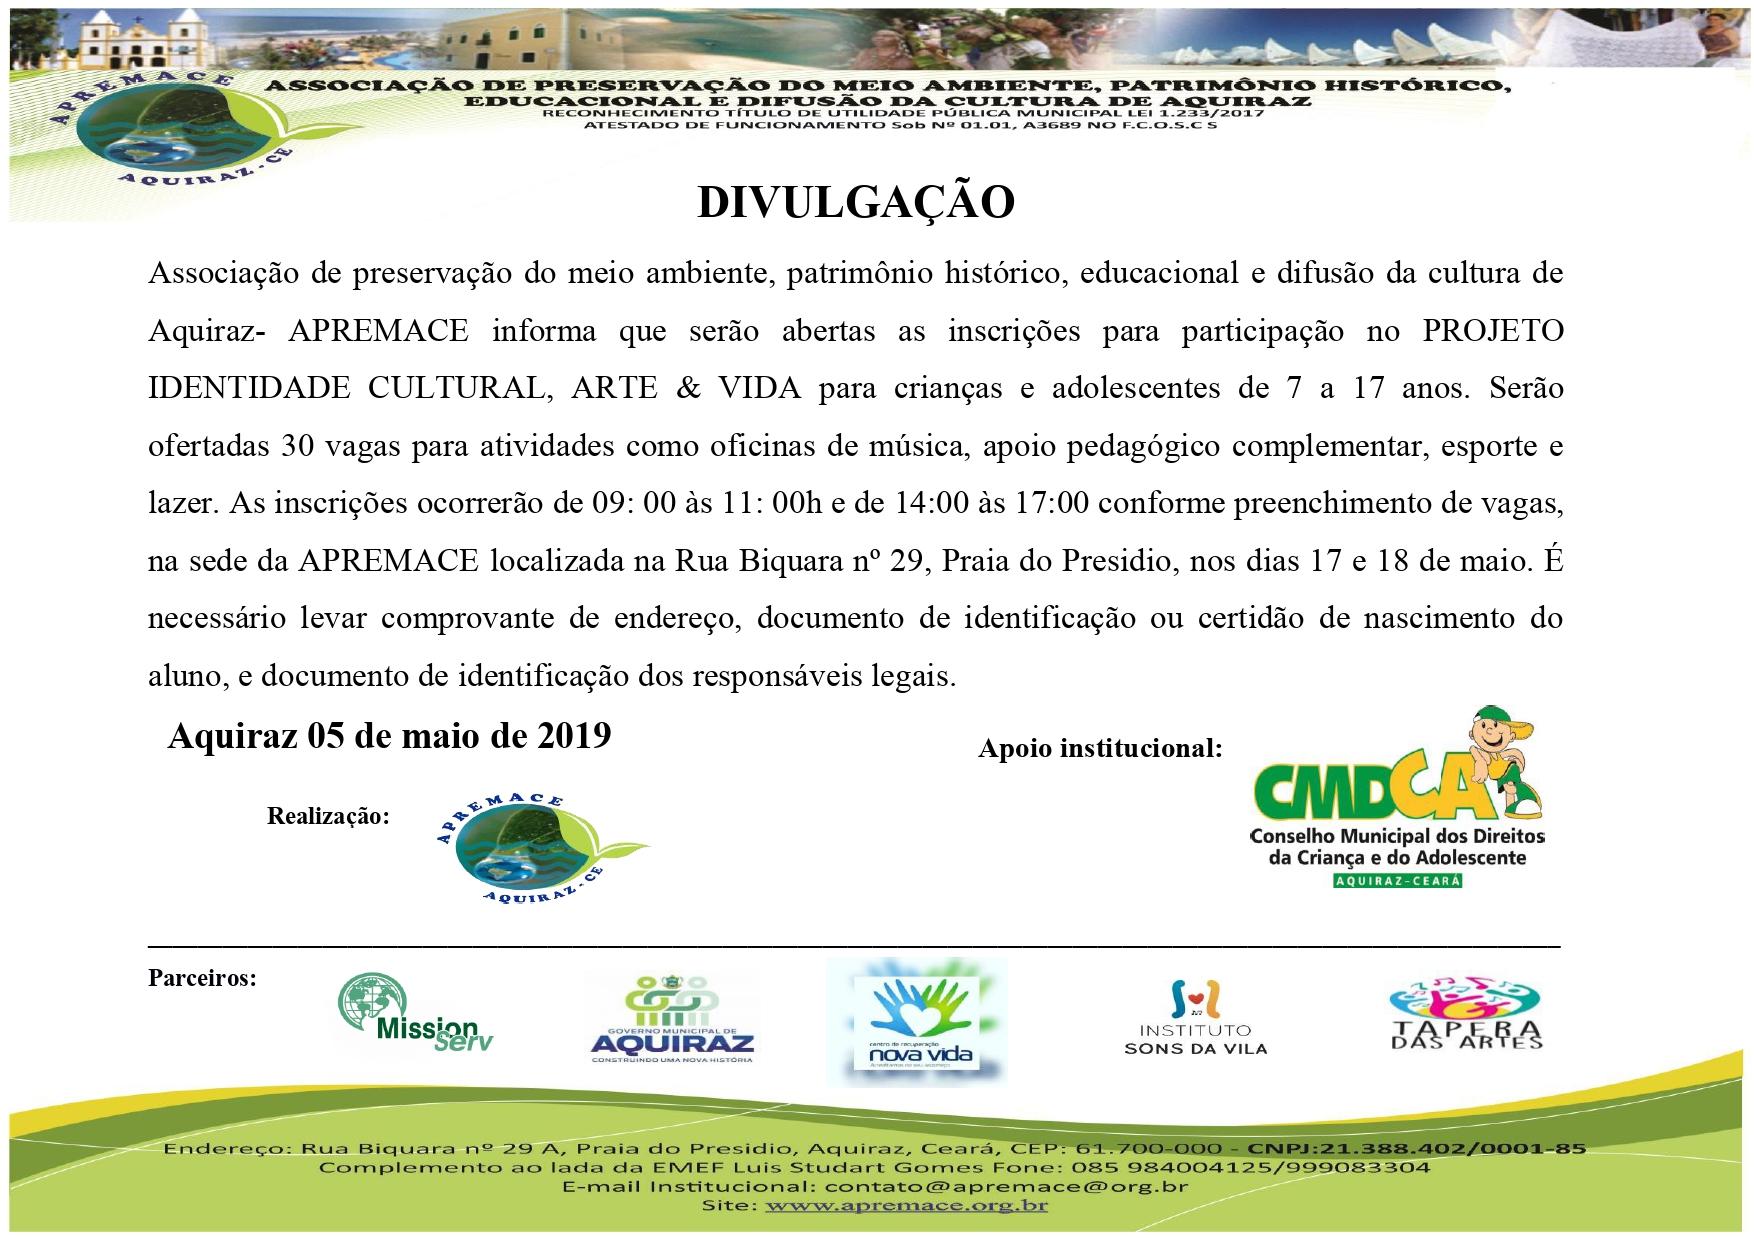 REALIZADO PROCESSO DE INSCRIÇÃO PARA ALUNOS INTERESSADOS EM PARTICIPAR DO PROJETO: IDENTIDADE CULTURAL, ARTE & VIDA